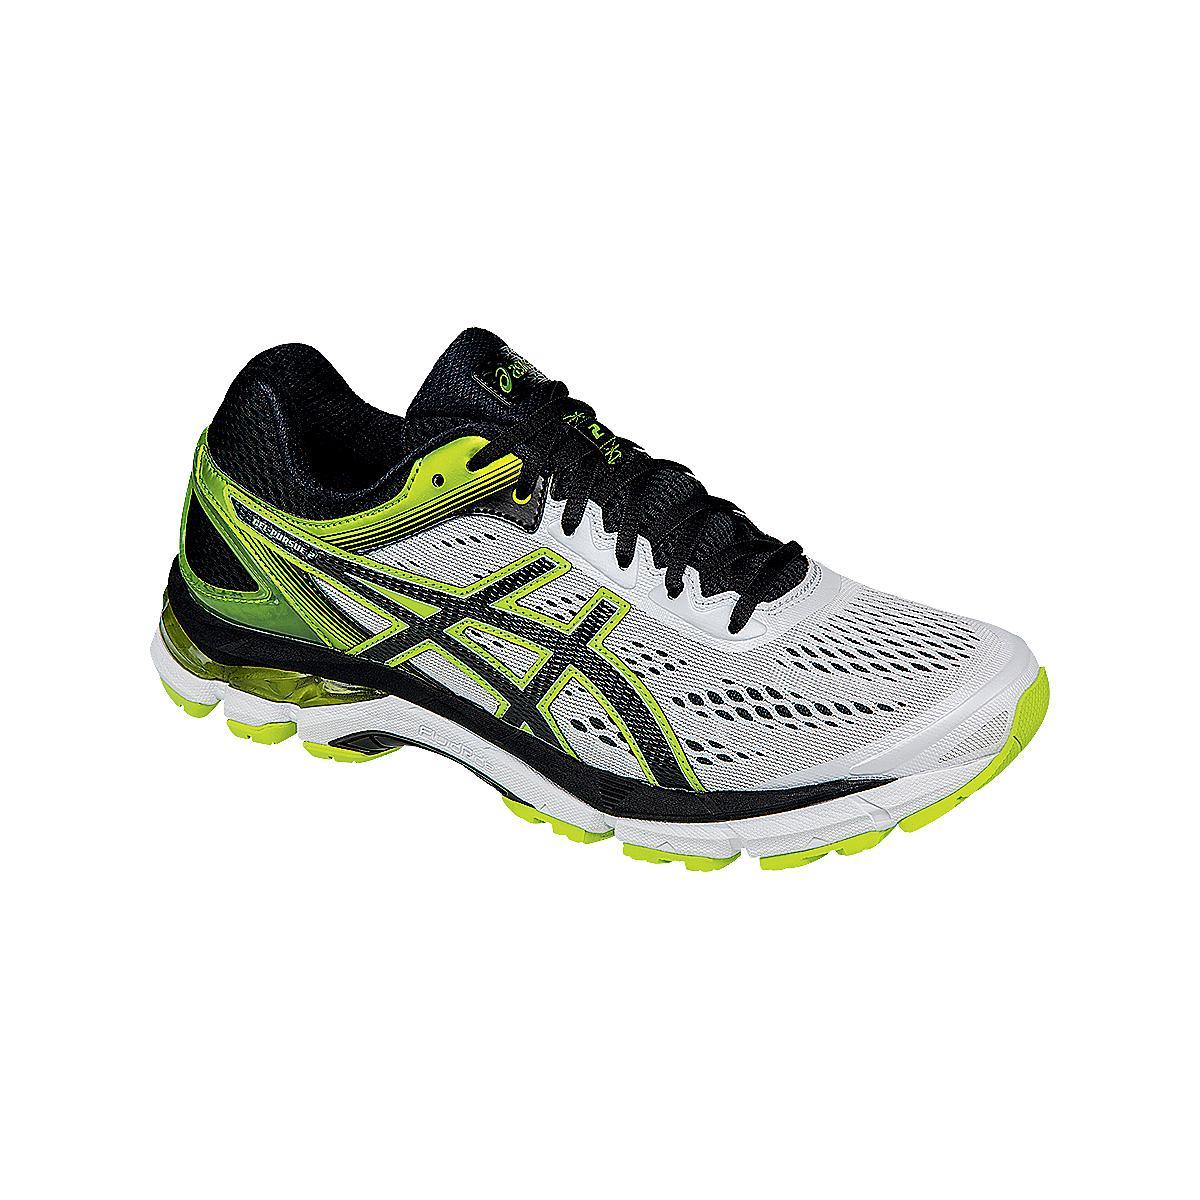 Chaussures de chez course pour de hommes ASICS GEL Pursue 2 19984 chez Road Runner Sports 6ac65e8 - dudymovie.website